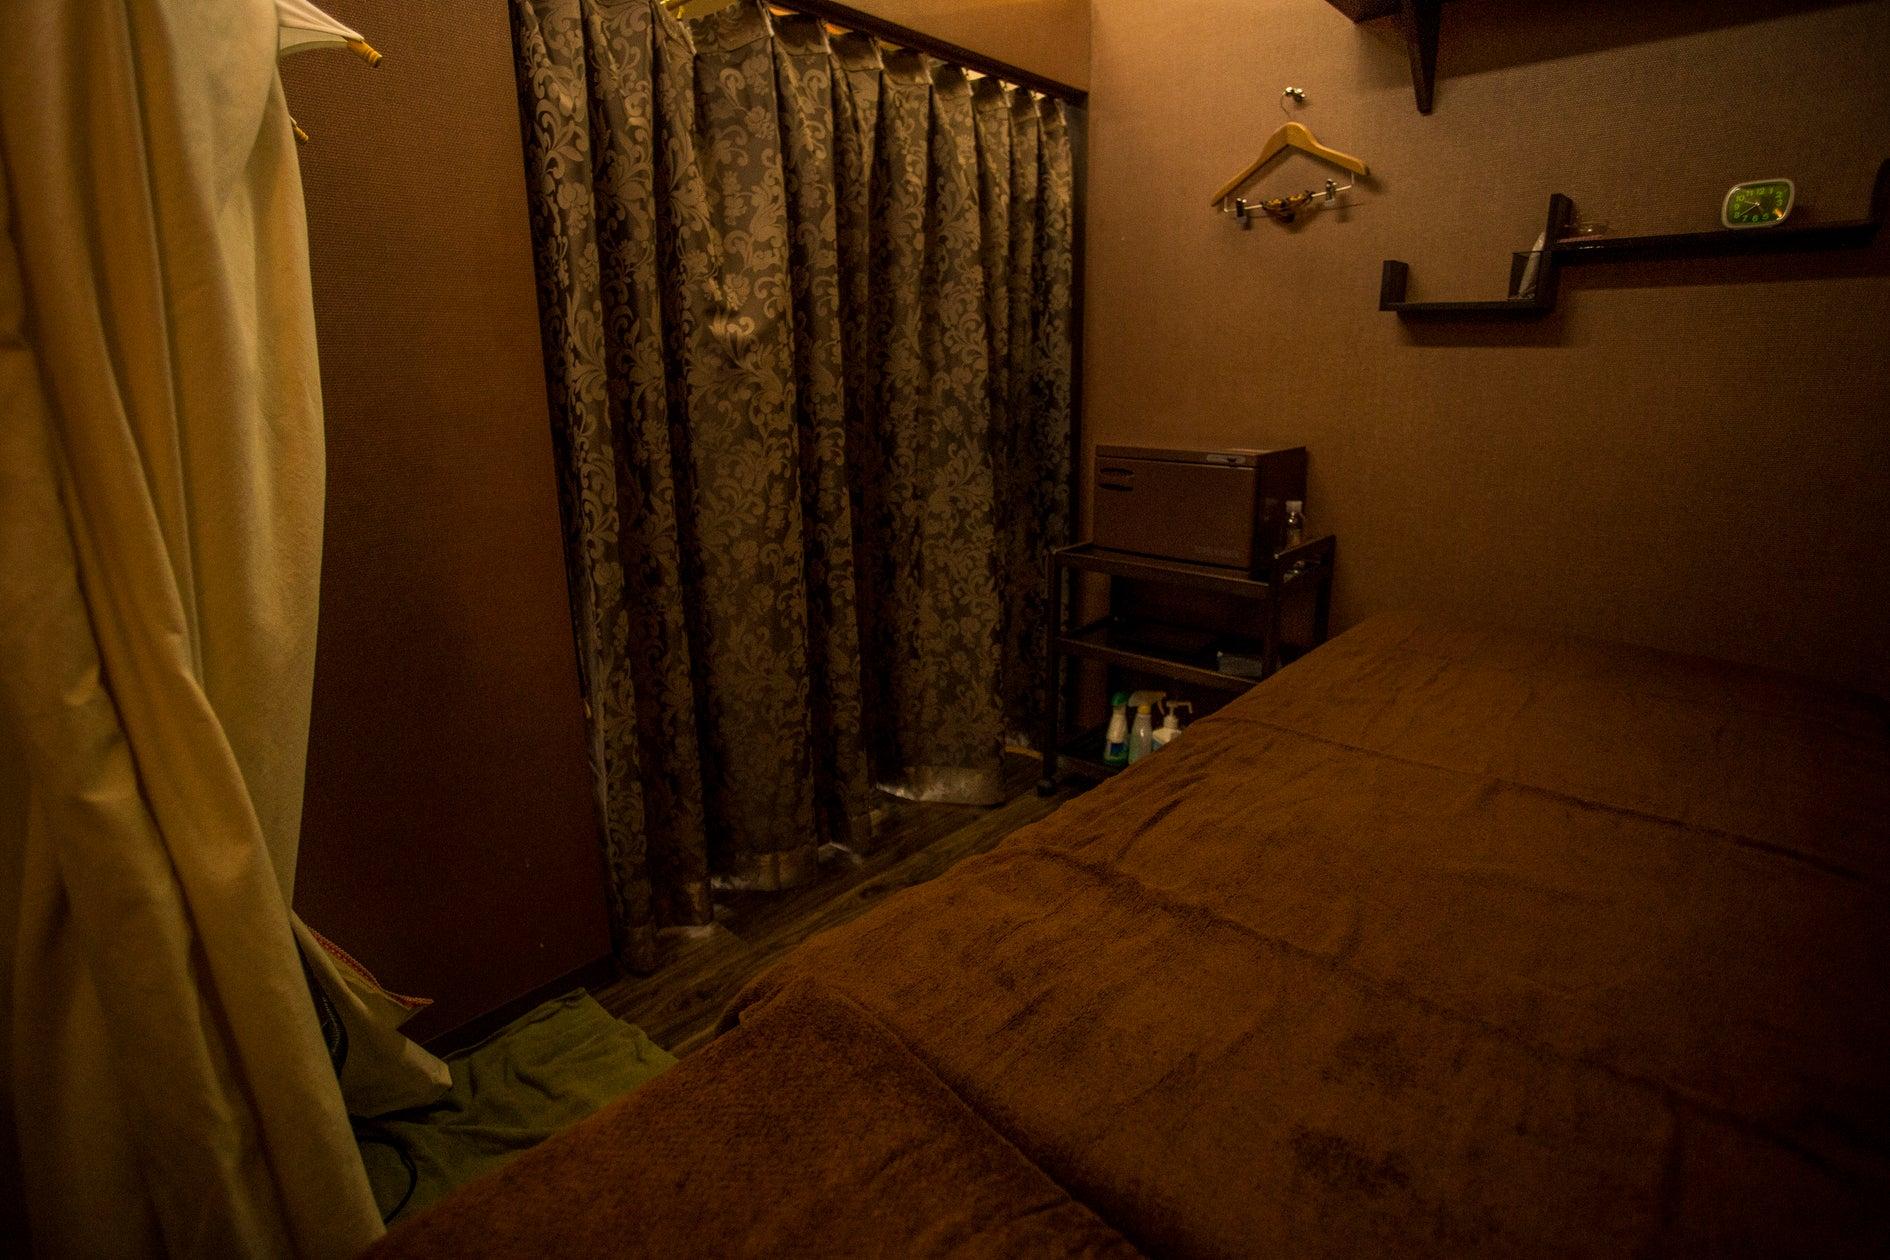 エステサロンixs・priority内。ヨガ・エステ各種で使えるレンタルルーム。 の写真